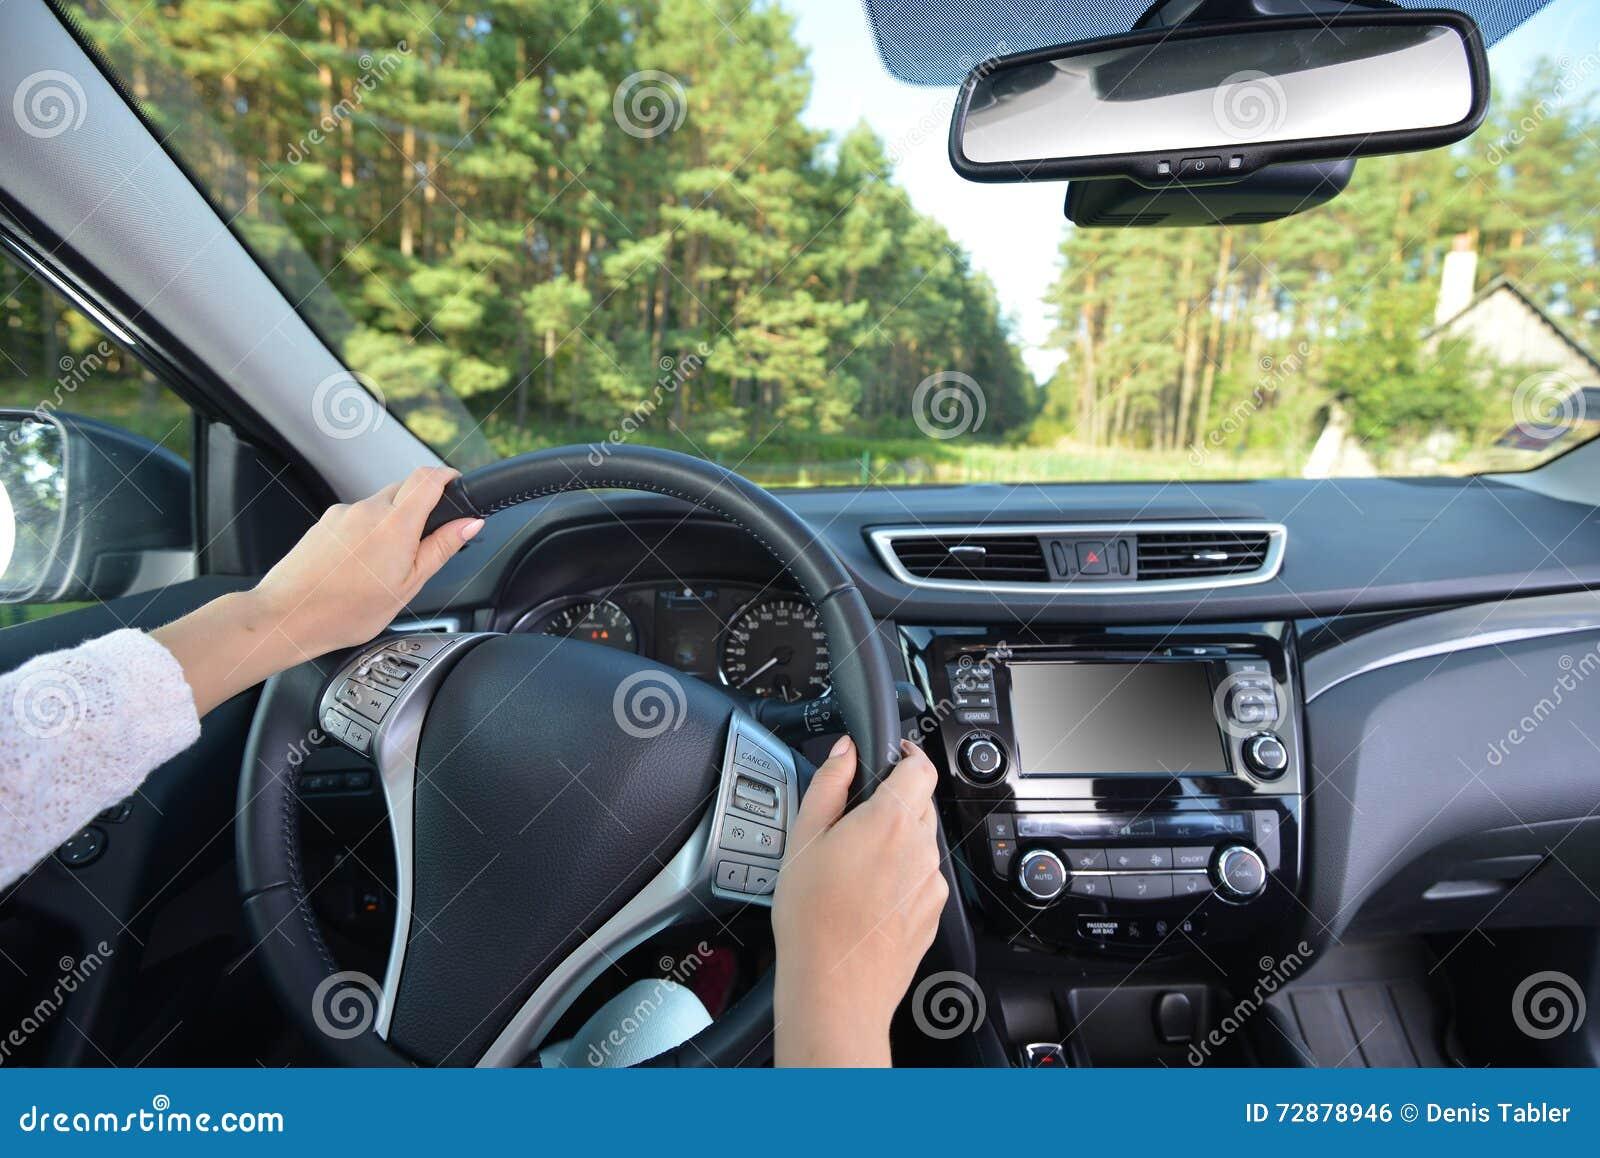 Interiortransportation da direcção wheel